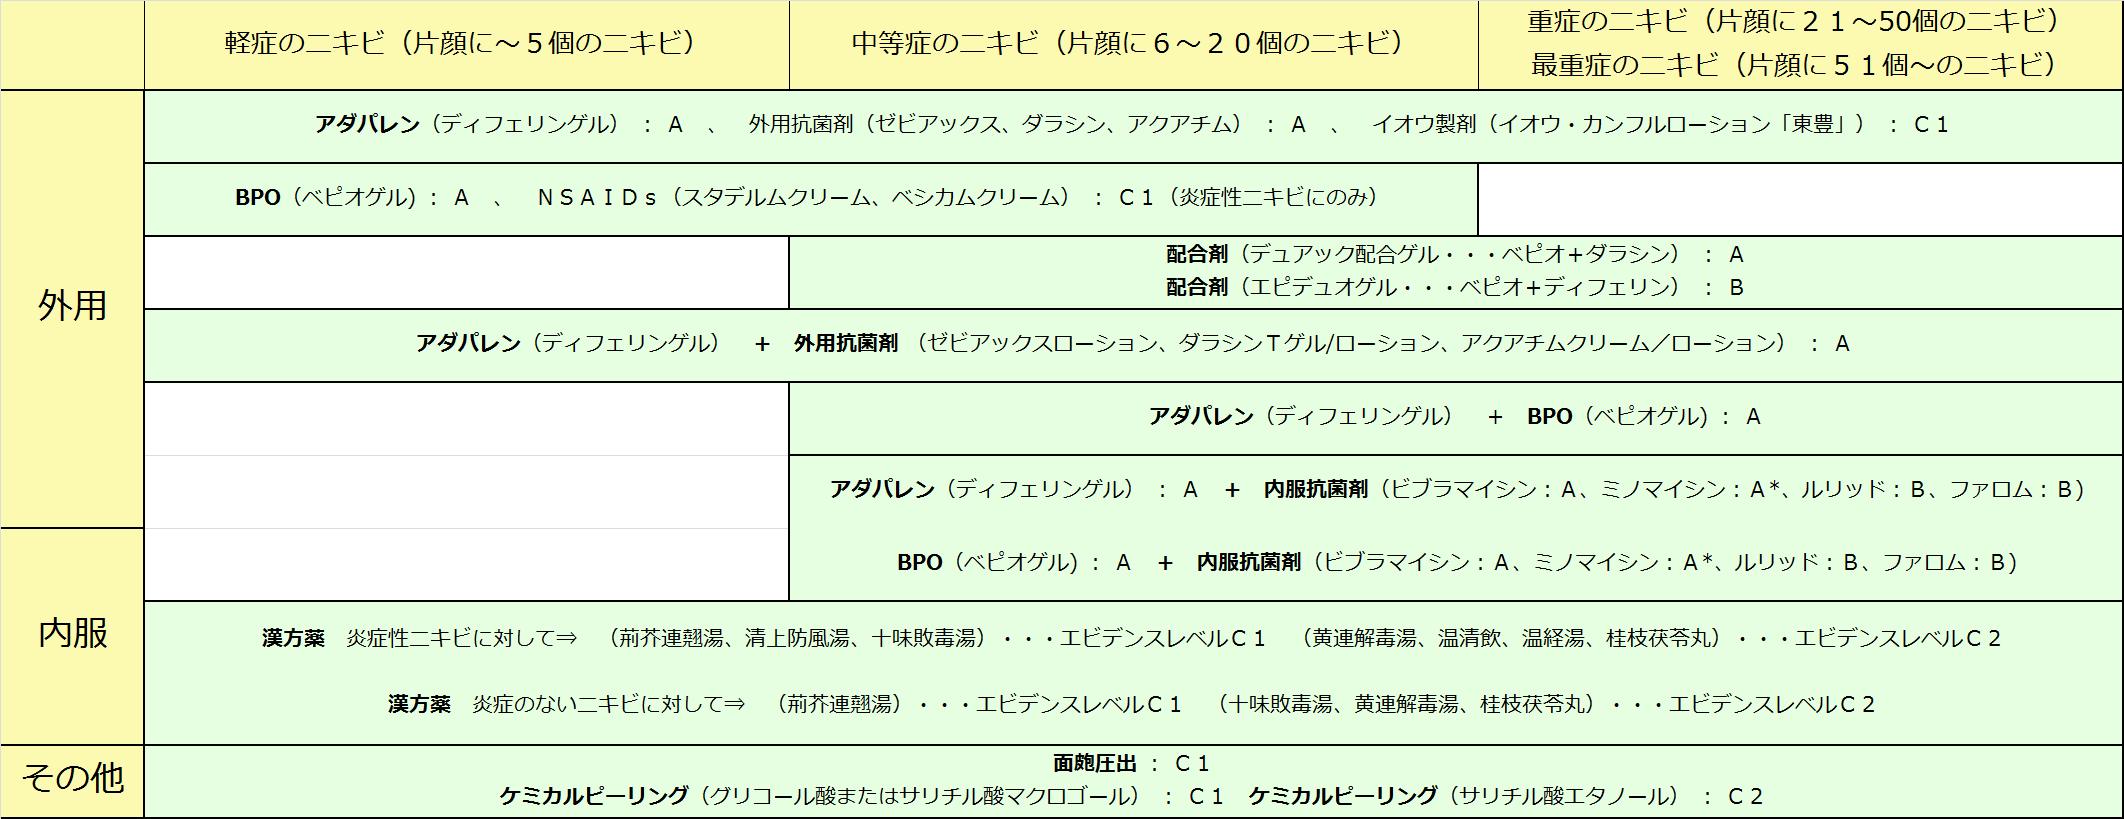 急性期のニキビ治療一覧表 by けいしゅけ